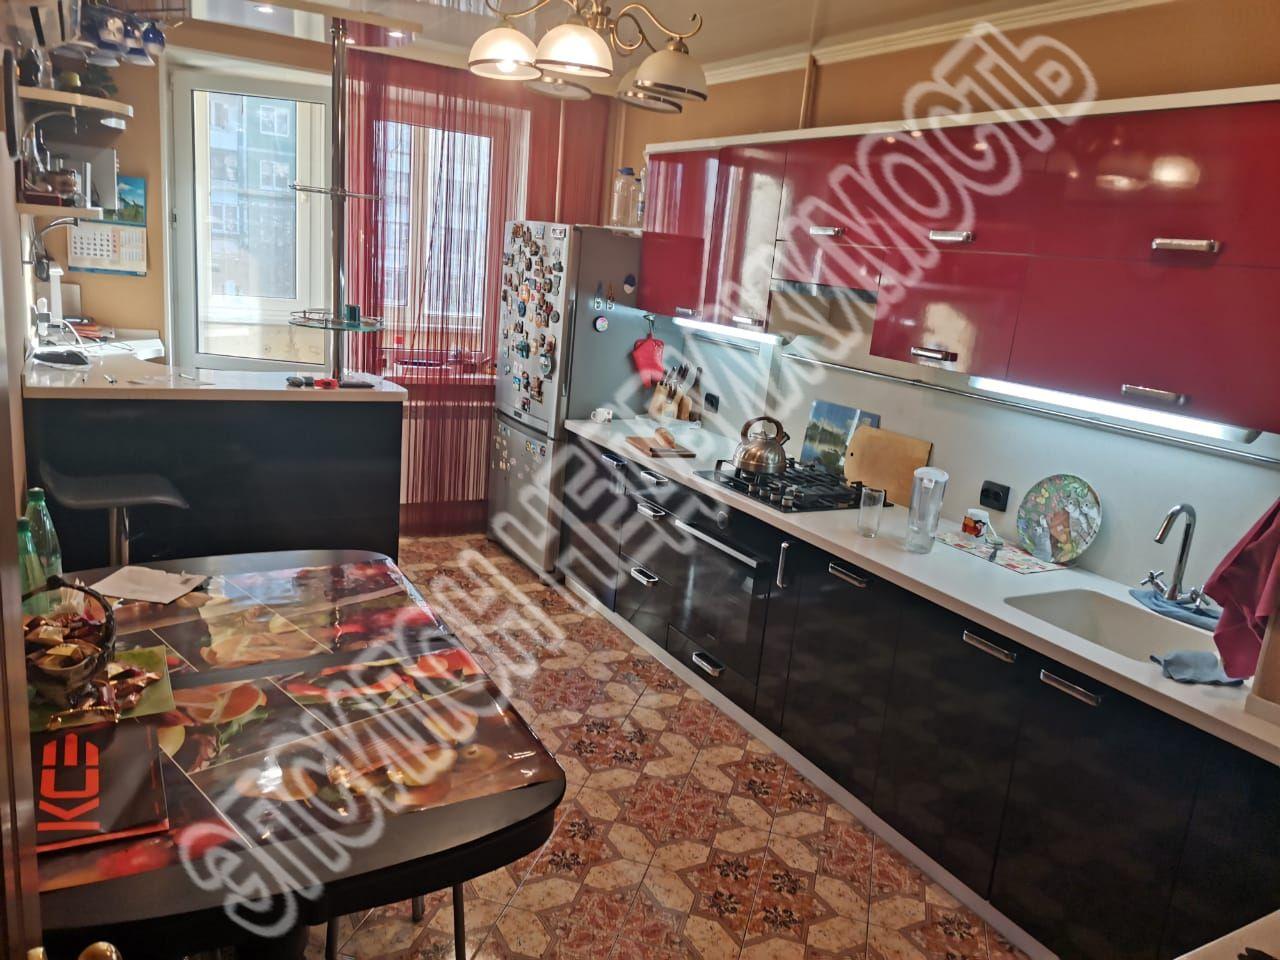 Продам 3-комнатную квартиру в городе Курск, на улице Звездная, 15, 4-этаж 9-этажного Панель дома, площадь: 84.1/56/16 м2